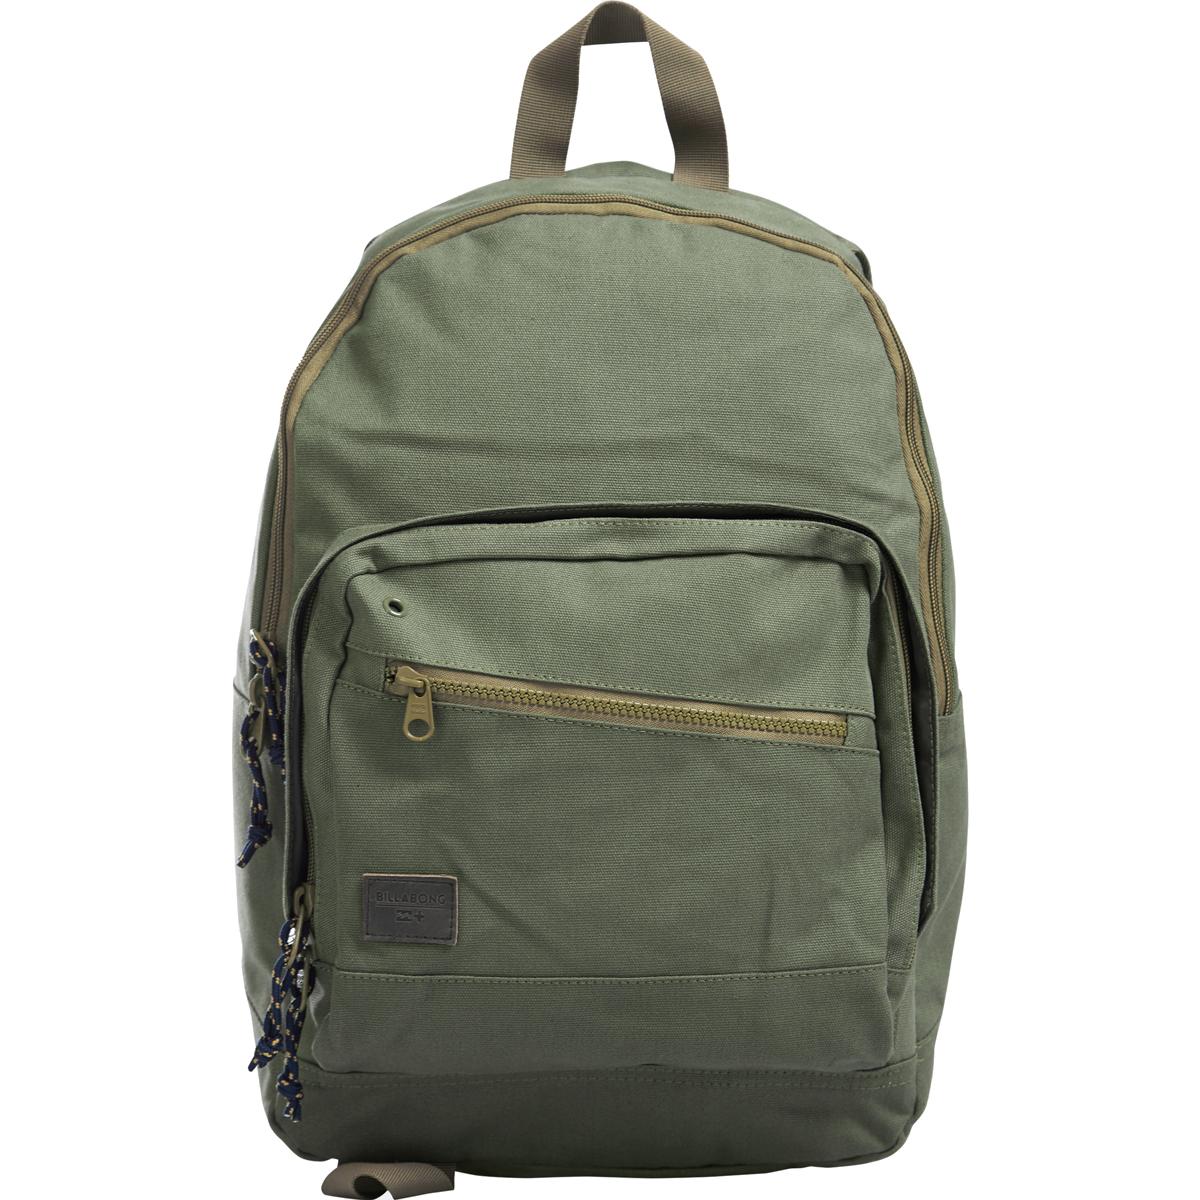 Рюкзак городской Billabong Laneway Canvas, цвет: оливковый, 23 л. Z5BP08MABLSEH10001Вместительный и практичный рюкзак из 100% хлопка. Два внеших внеших кармана для мелочей, в онсновном отделение кармана для ноутбука.